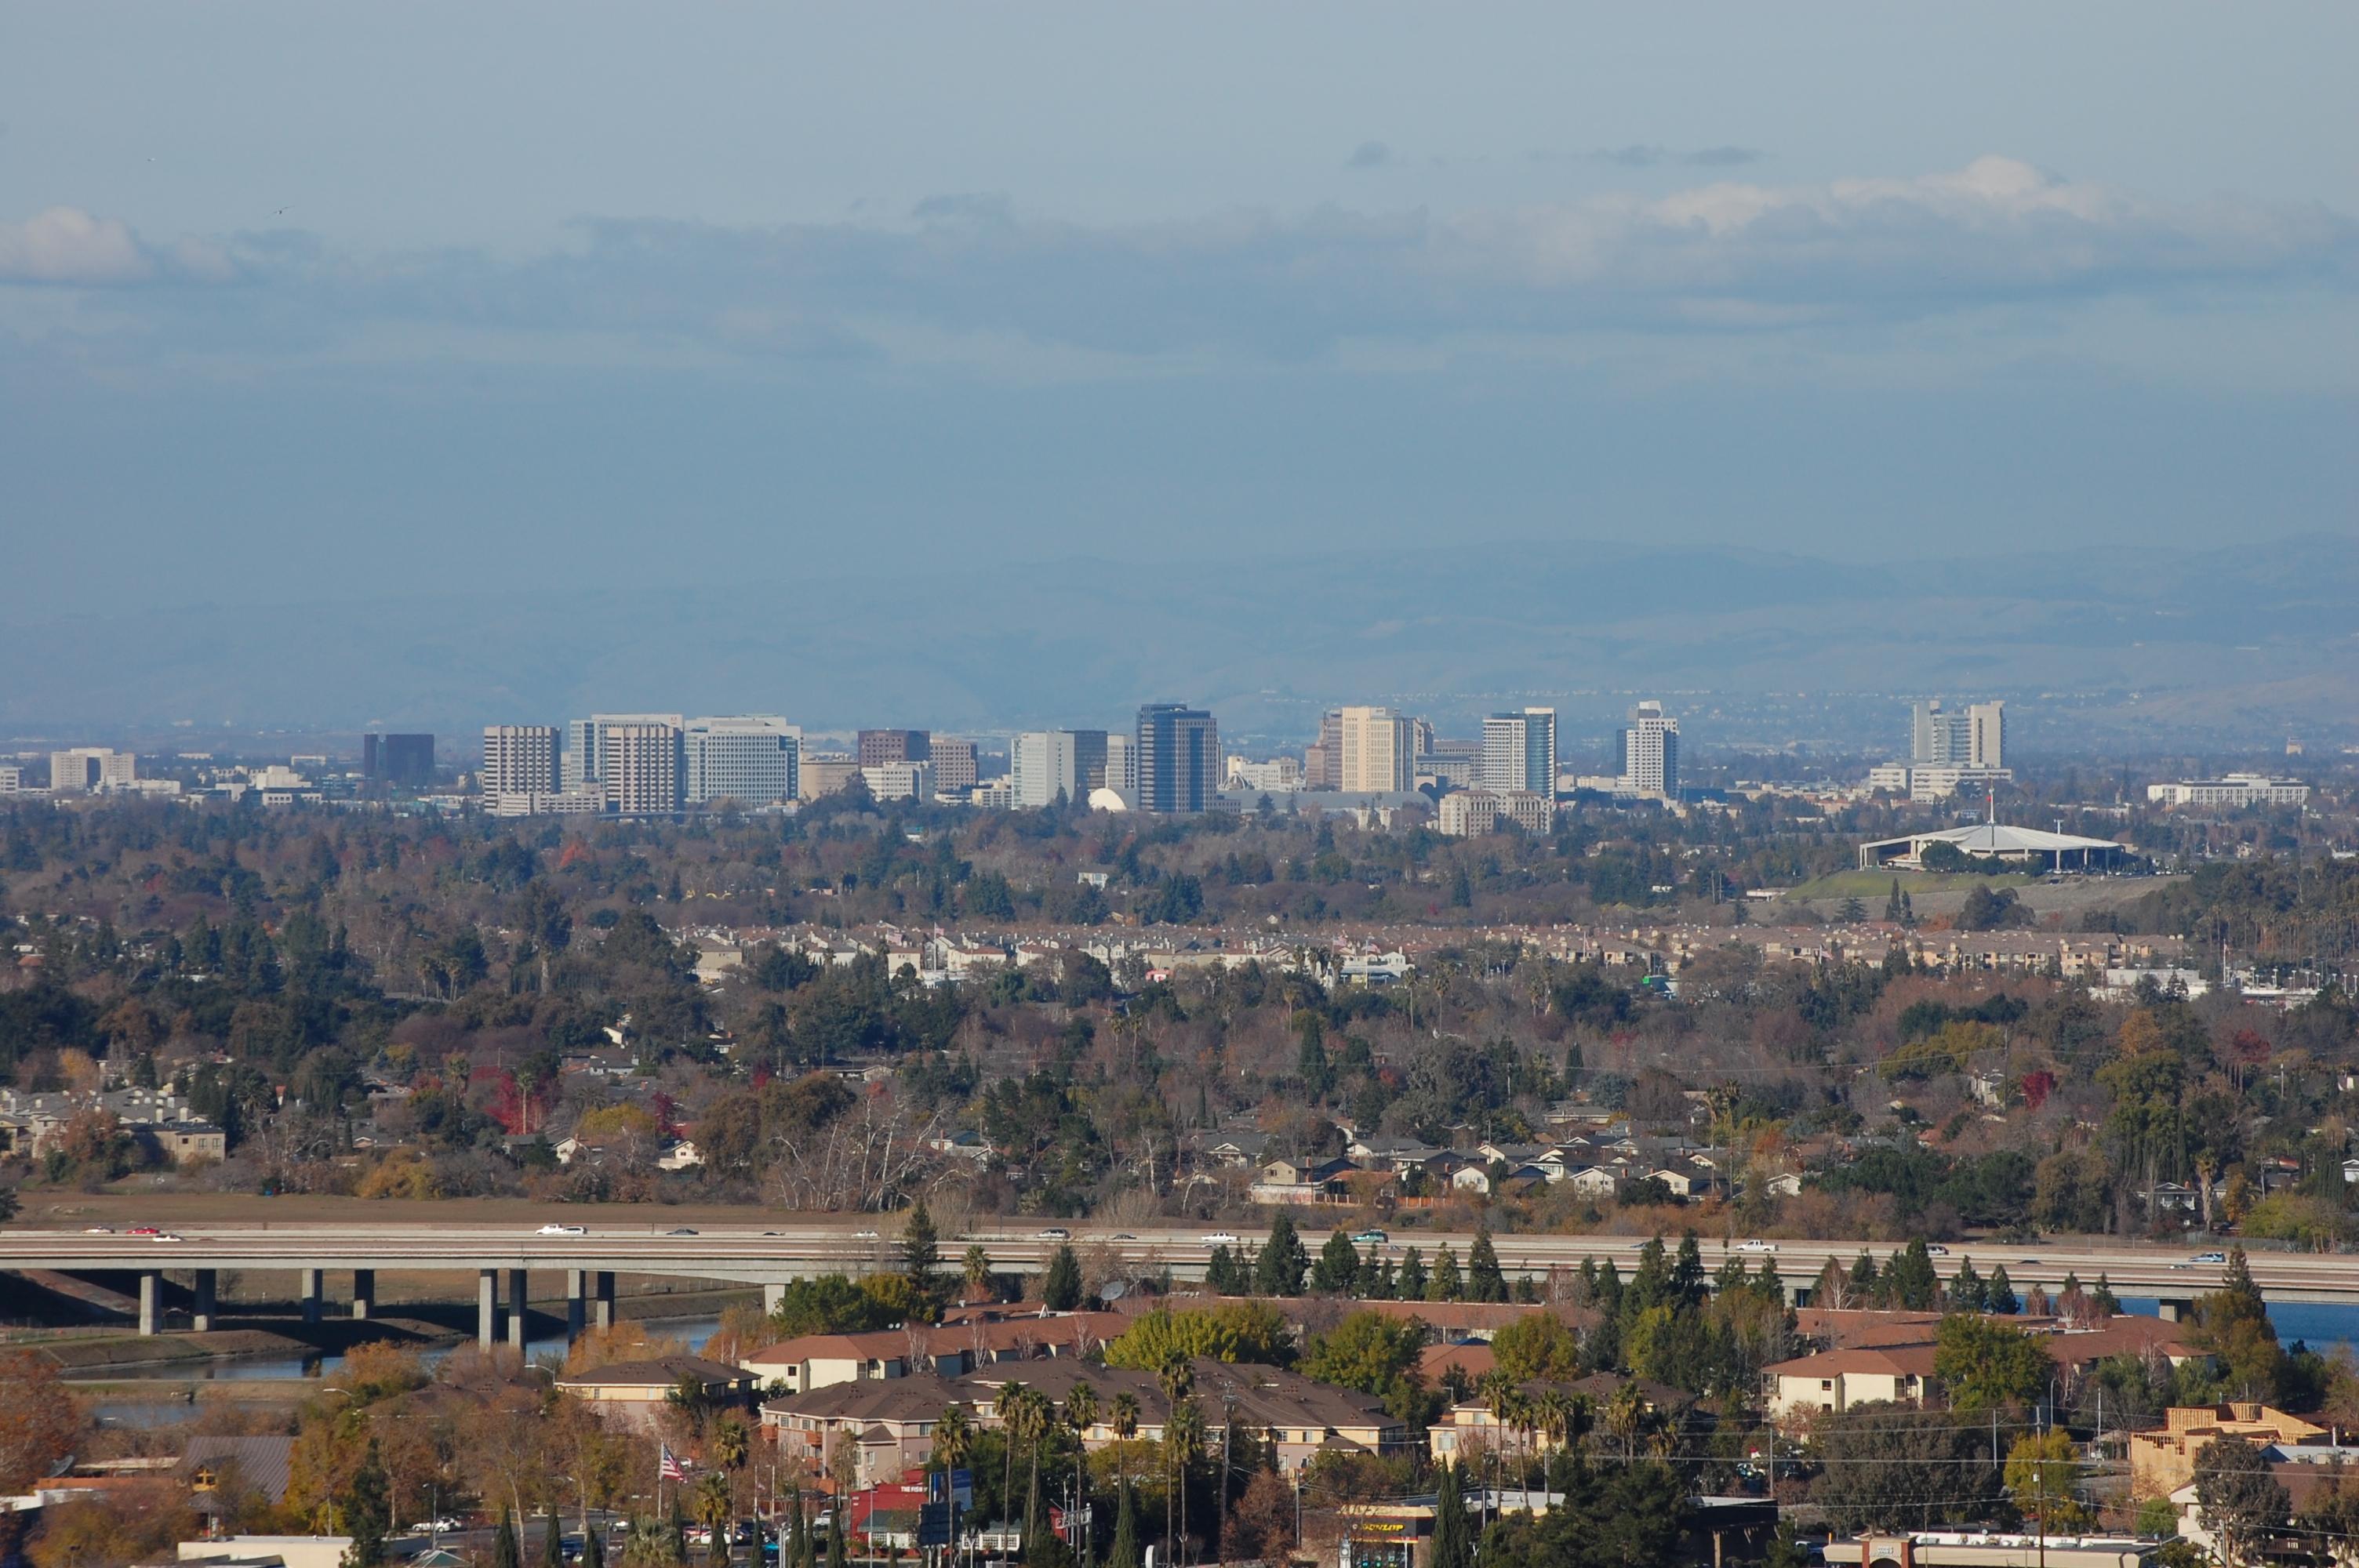 Downtown San Jose CA